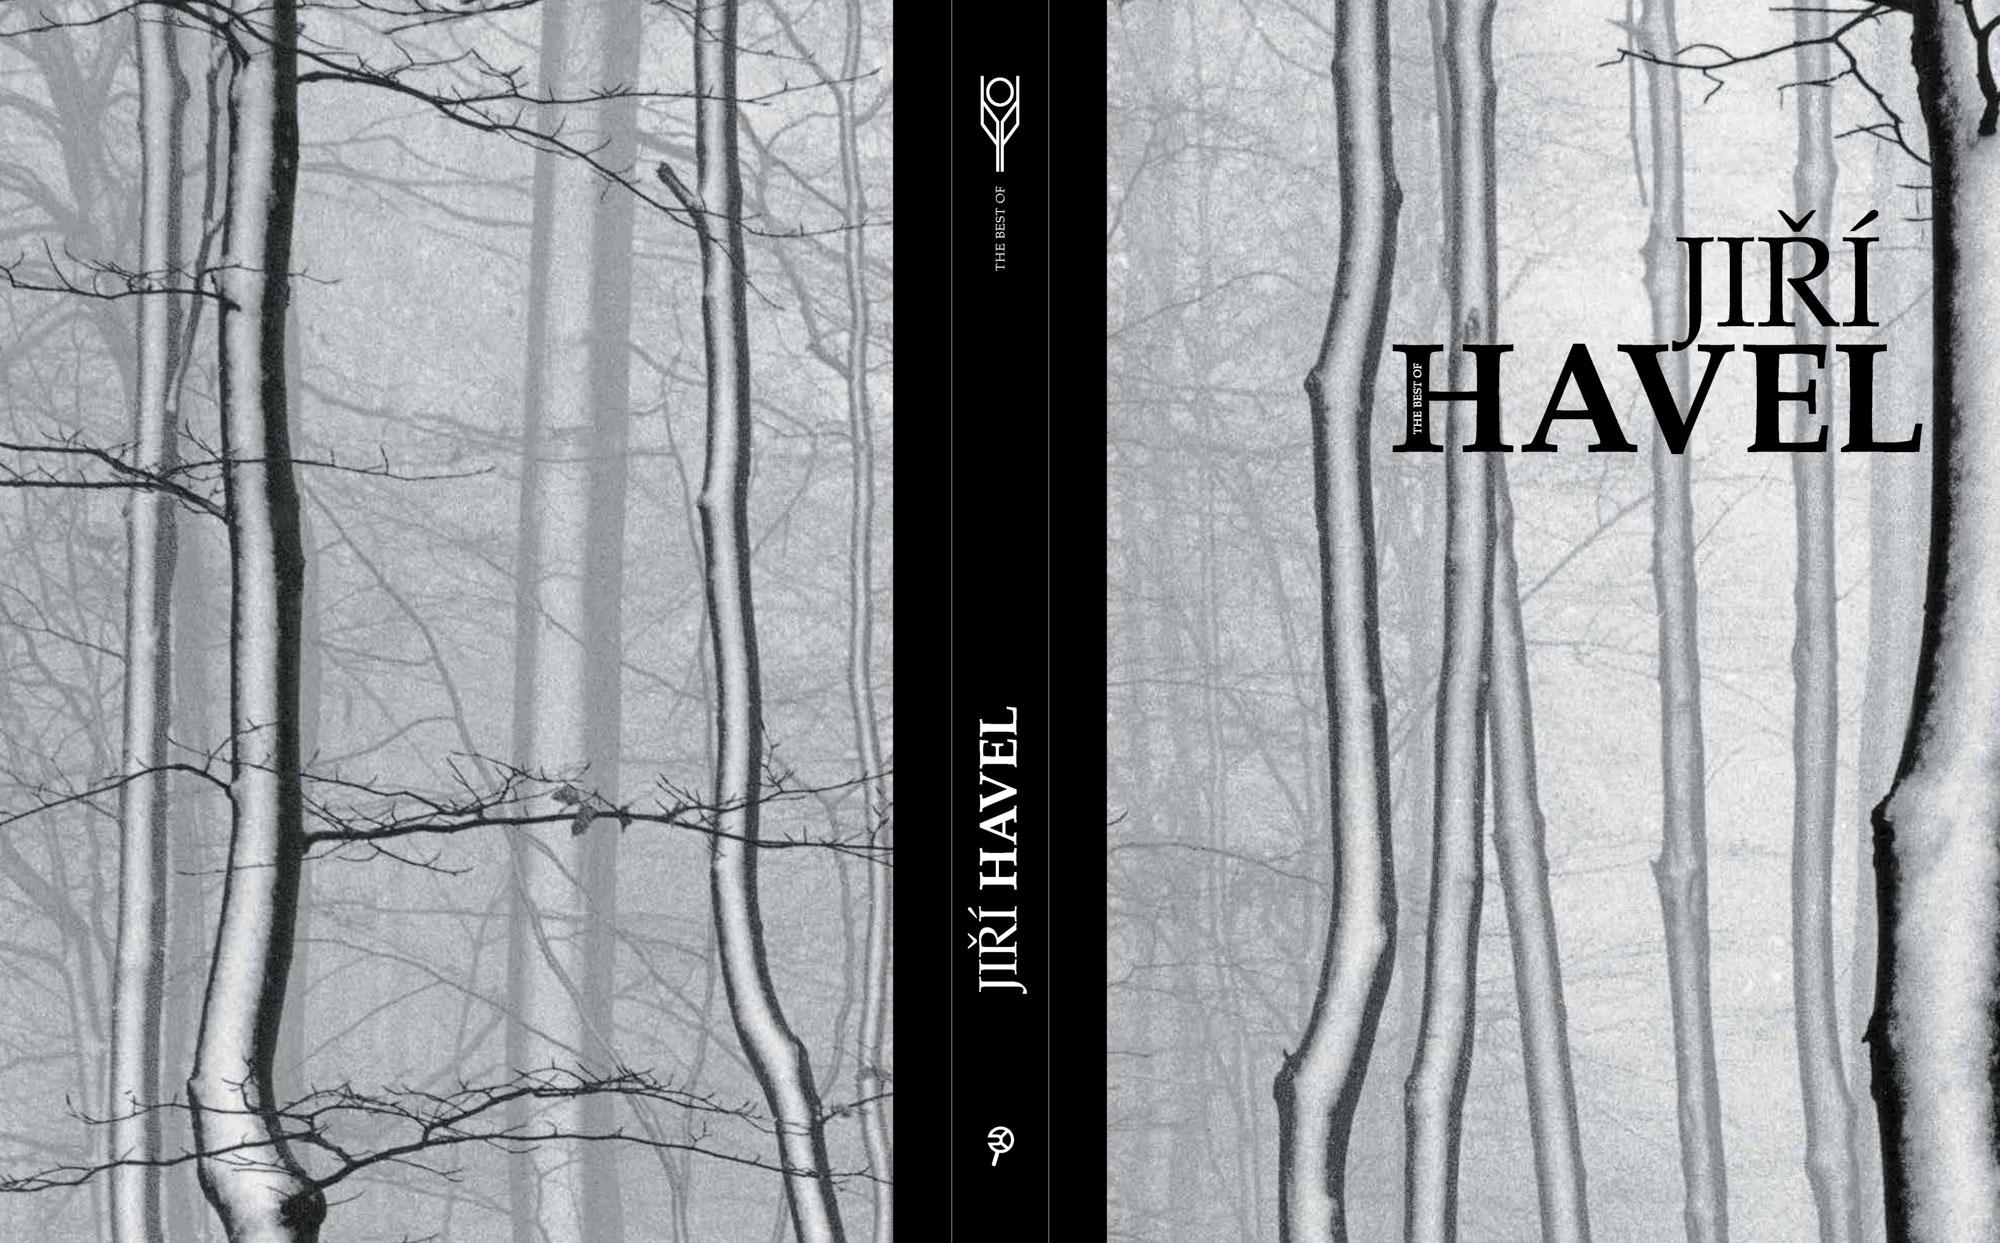 The Best Of Jiří Havel